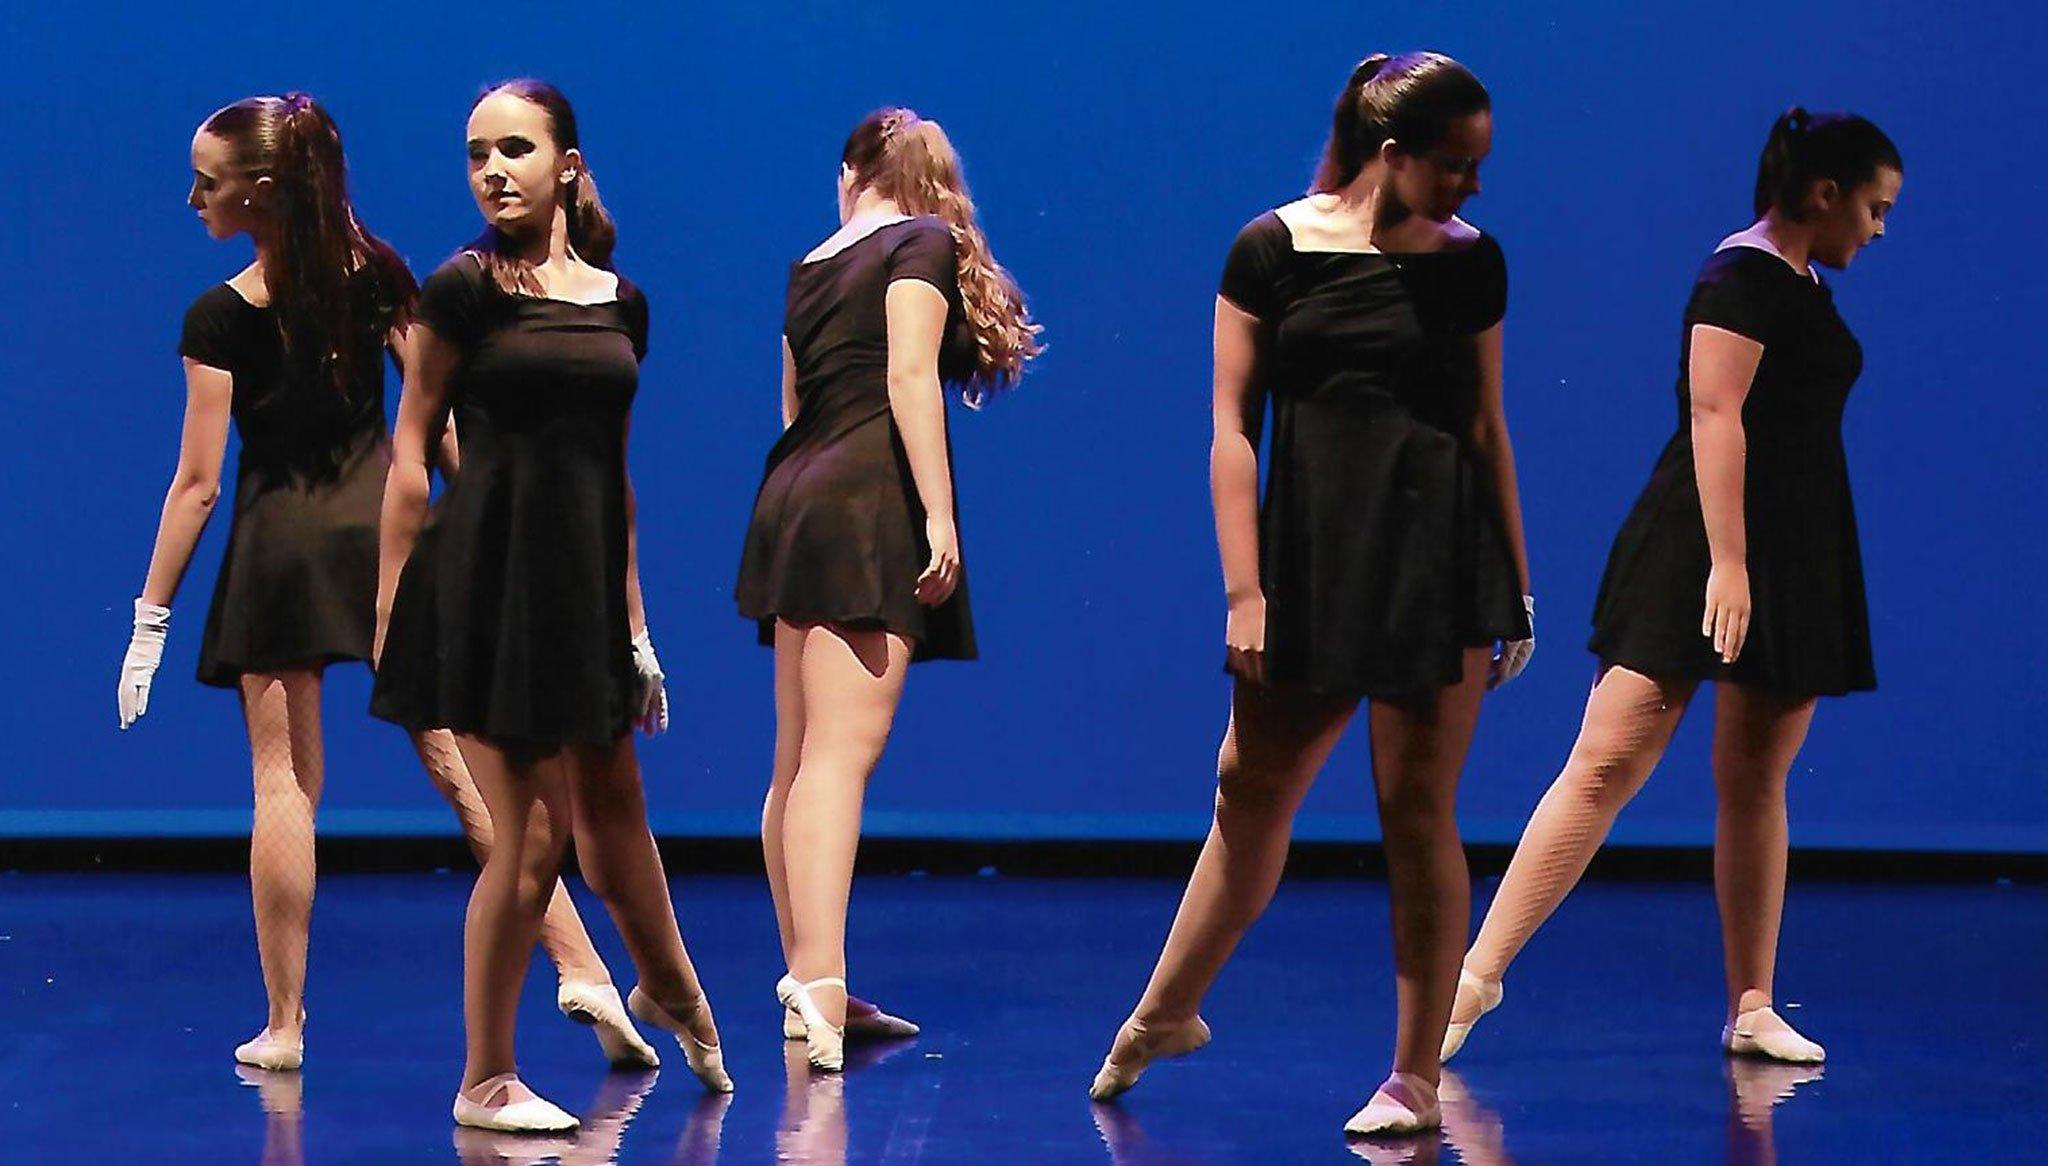 Coreografía de baile contemporáneo – Escola de Dansa Mª Ángeles Signes